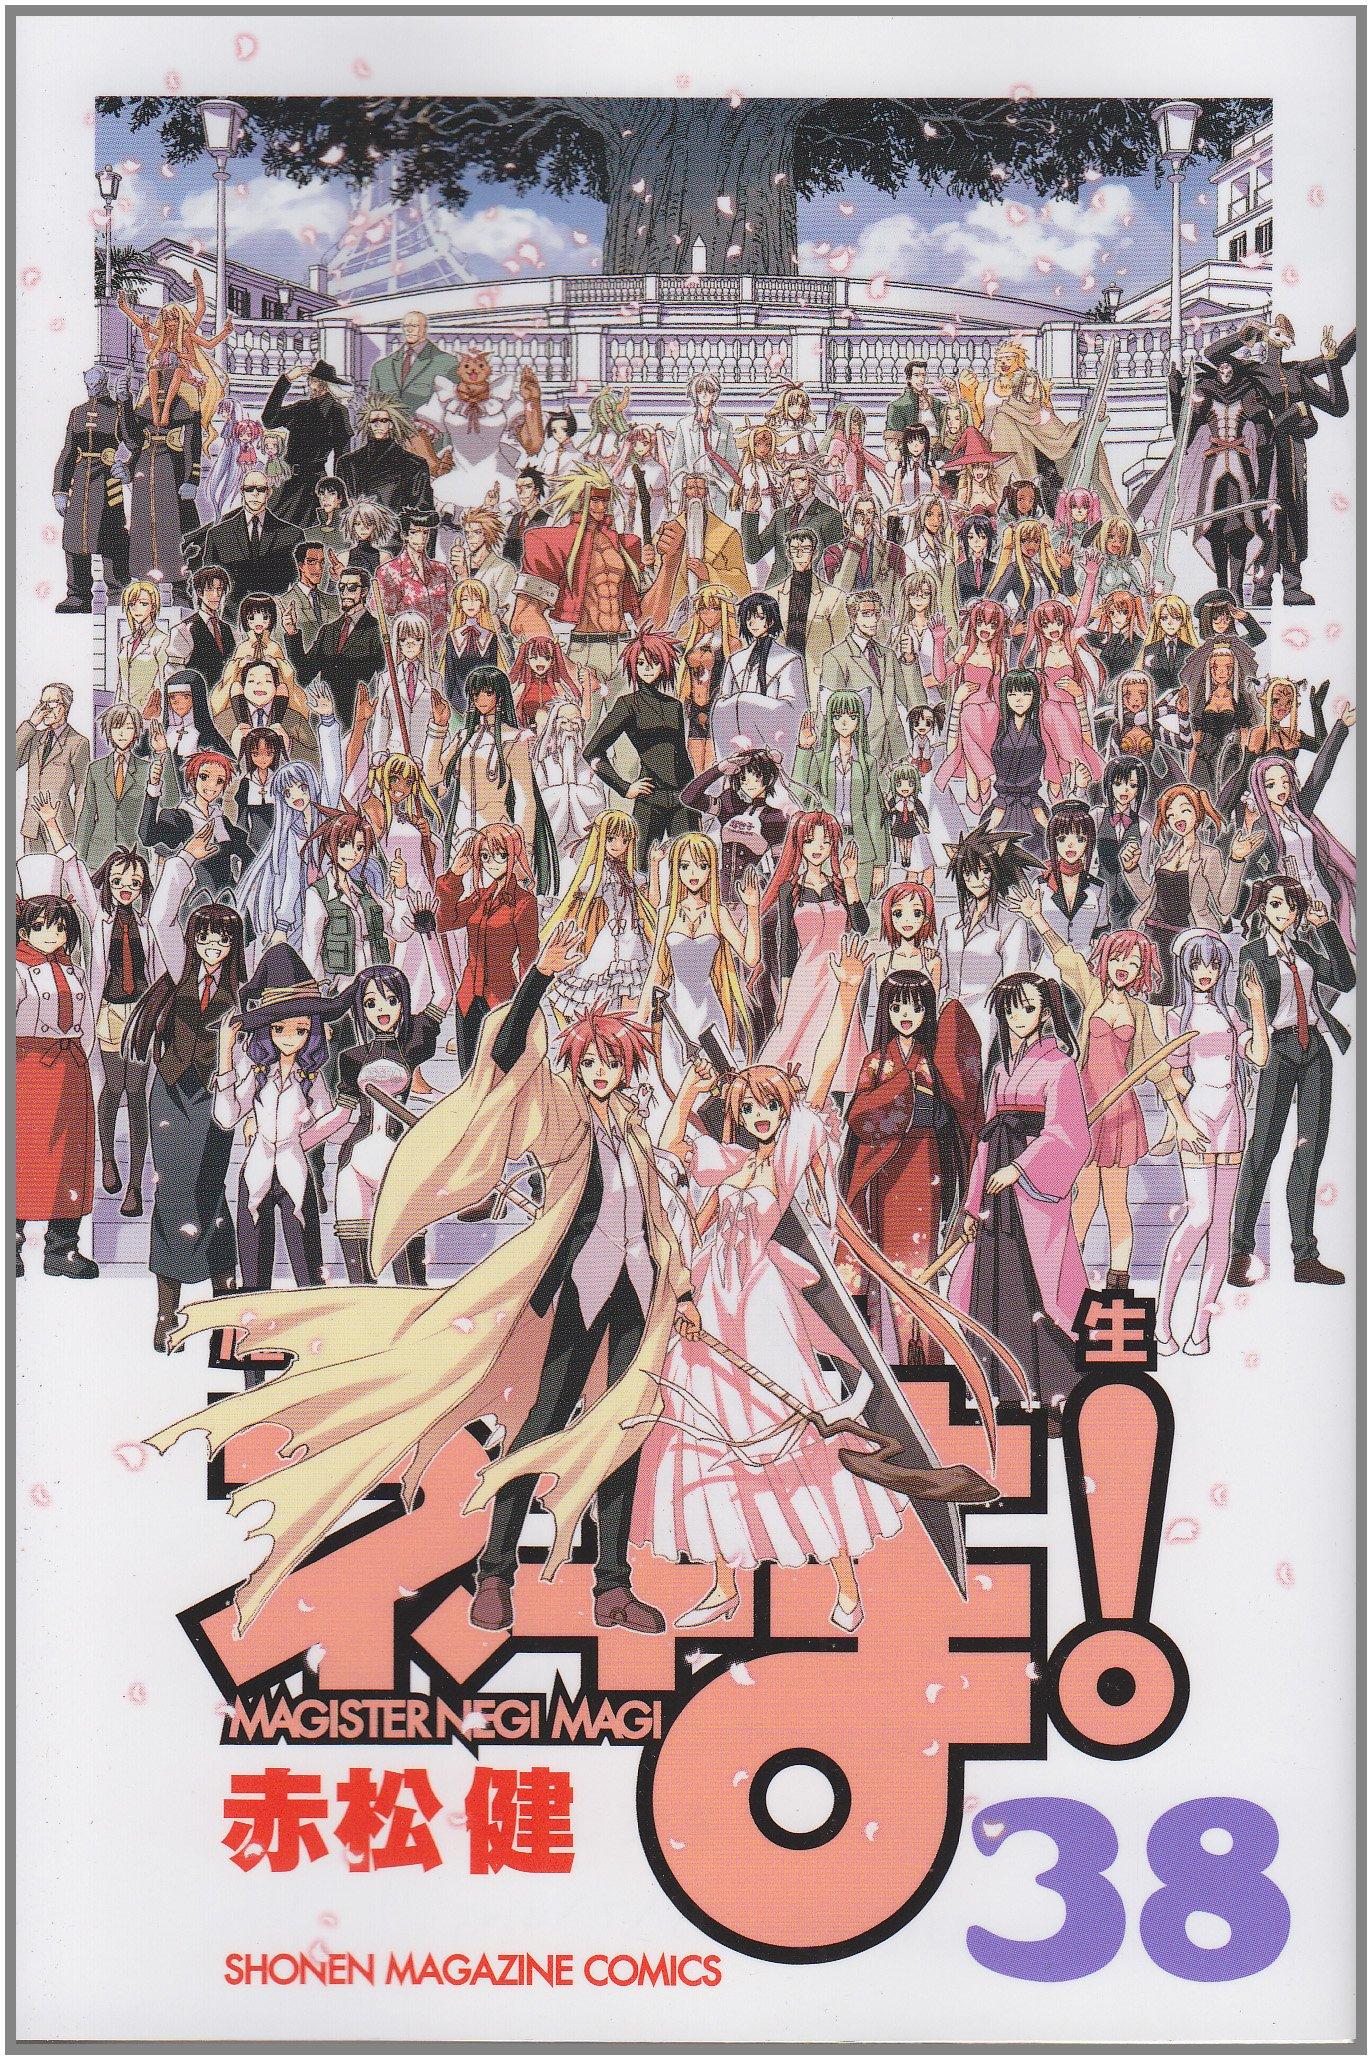 『魔法先生ネギま!』最終巻・38巻の表紙は、100名以上の登場人物が大集合!